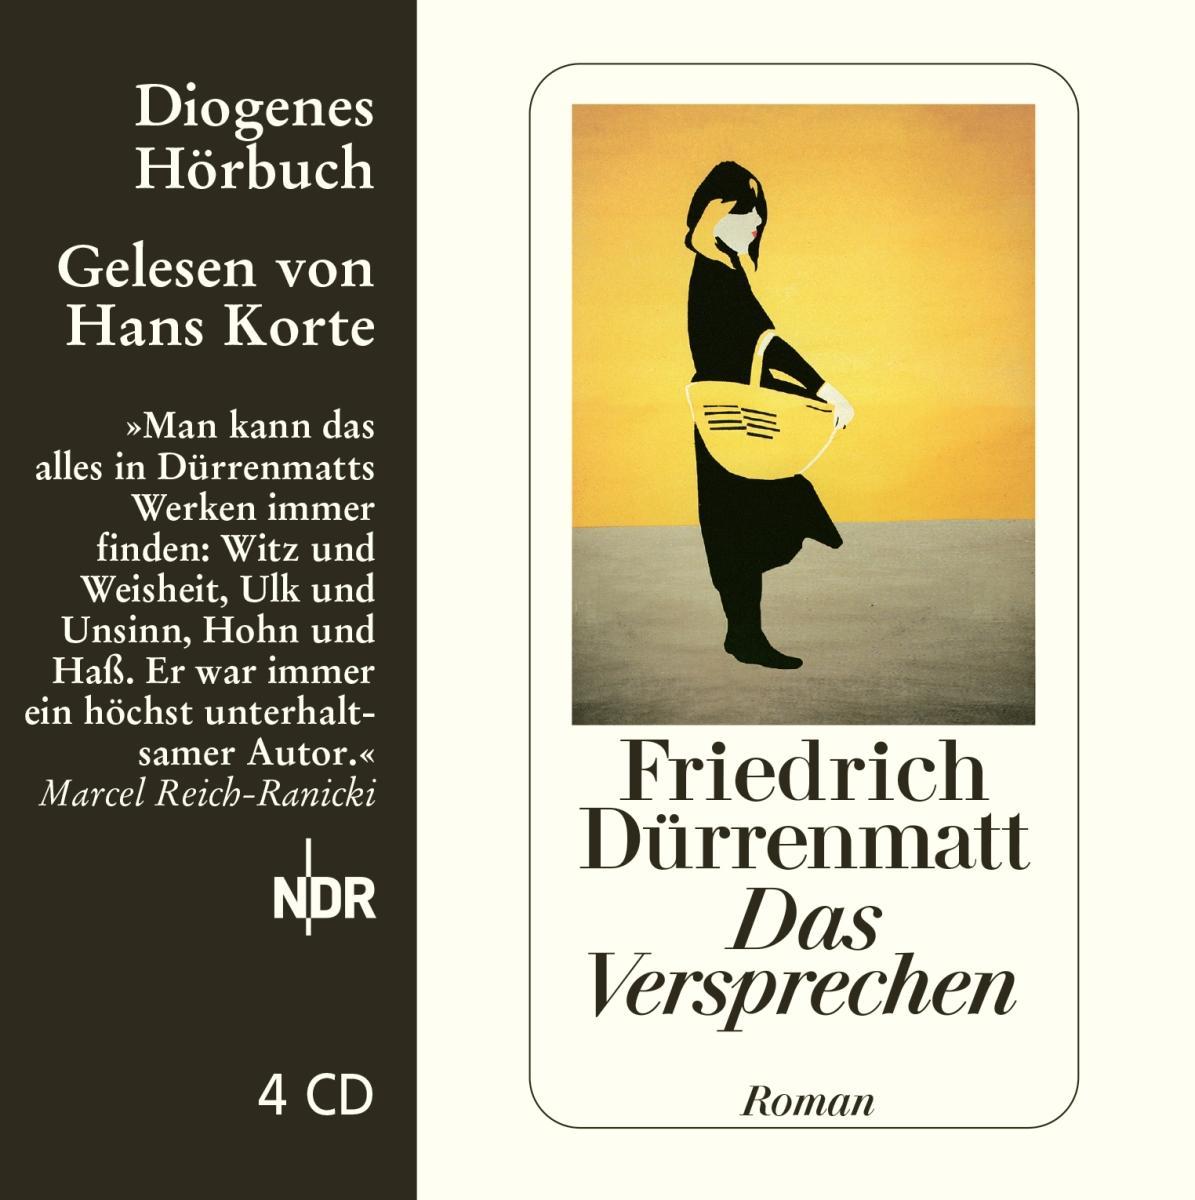 Das Versprechen. 4 CDs Friedrich Dürrenmatt